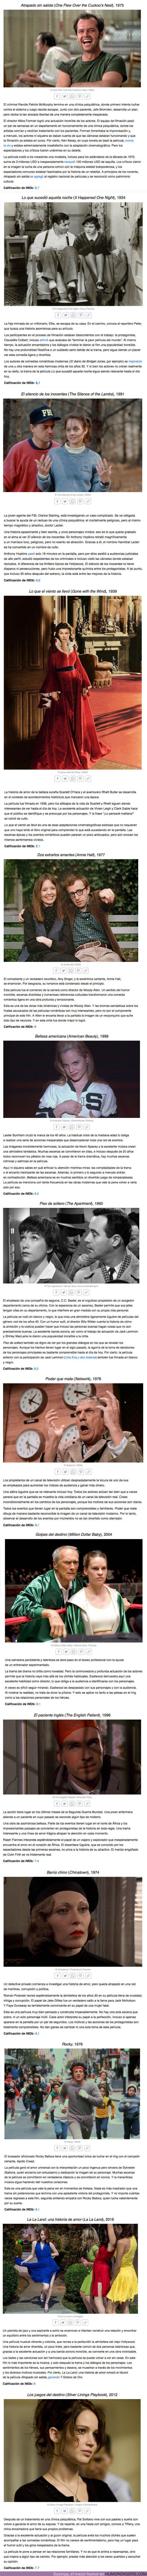 61793 - GALERÍA: 14 Mejores películas de la historia del cine, que vale la pena ver al menos una vez en la vida